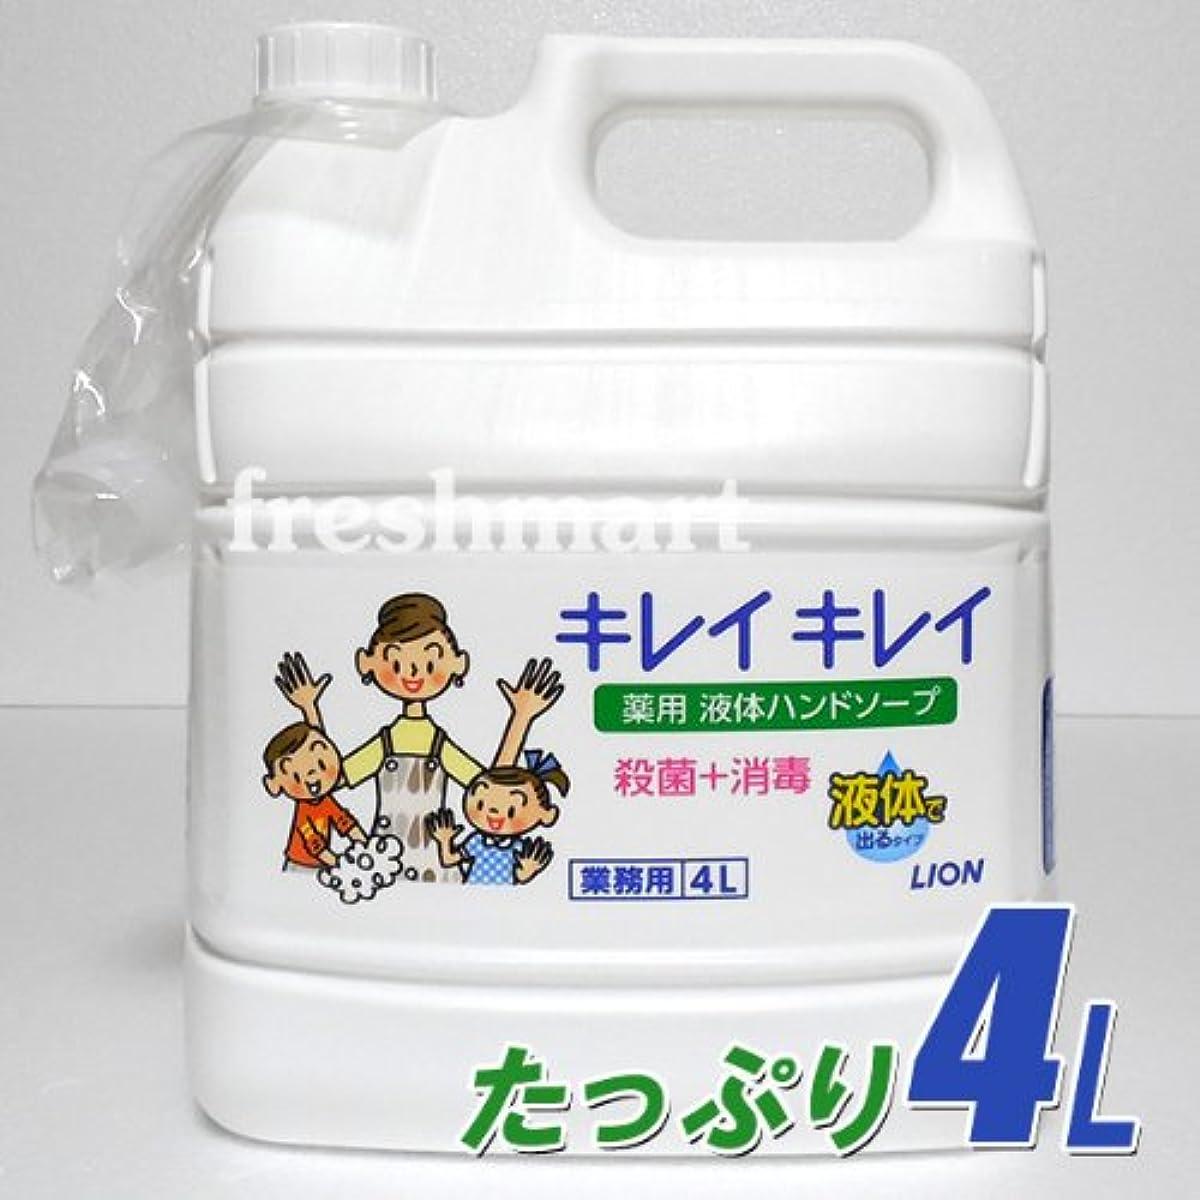 才能パトワ呼び出す☆100%植物性洗浄成分使用☆ ライオン キレイキレイ 薬用液体ハンドソープ つめかえ用4L 業務用 大容量 ボトル